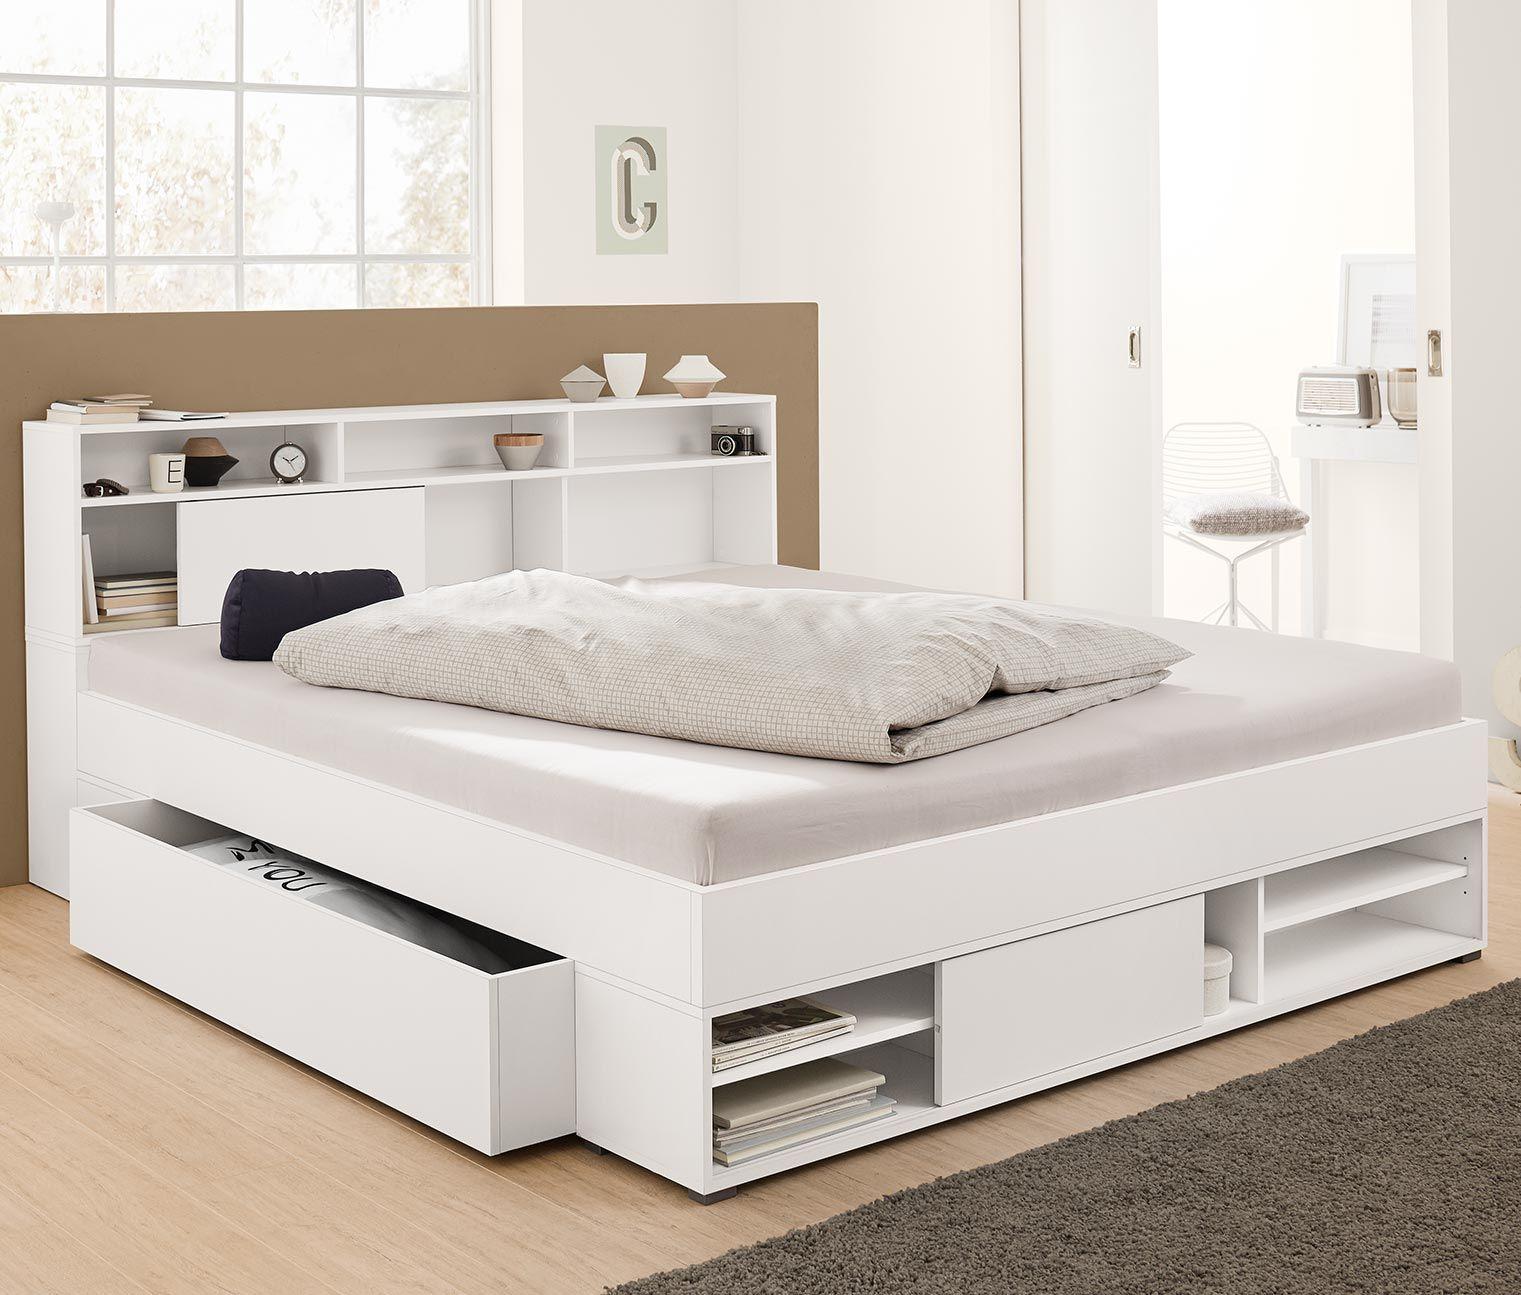 Full Size of Stauraumbett 120x200 399 Bett Mit Matratze Und Lattenrost Weiß Bettkasten Betten Wohnzimmer Stauraumbett 120x200